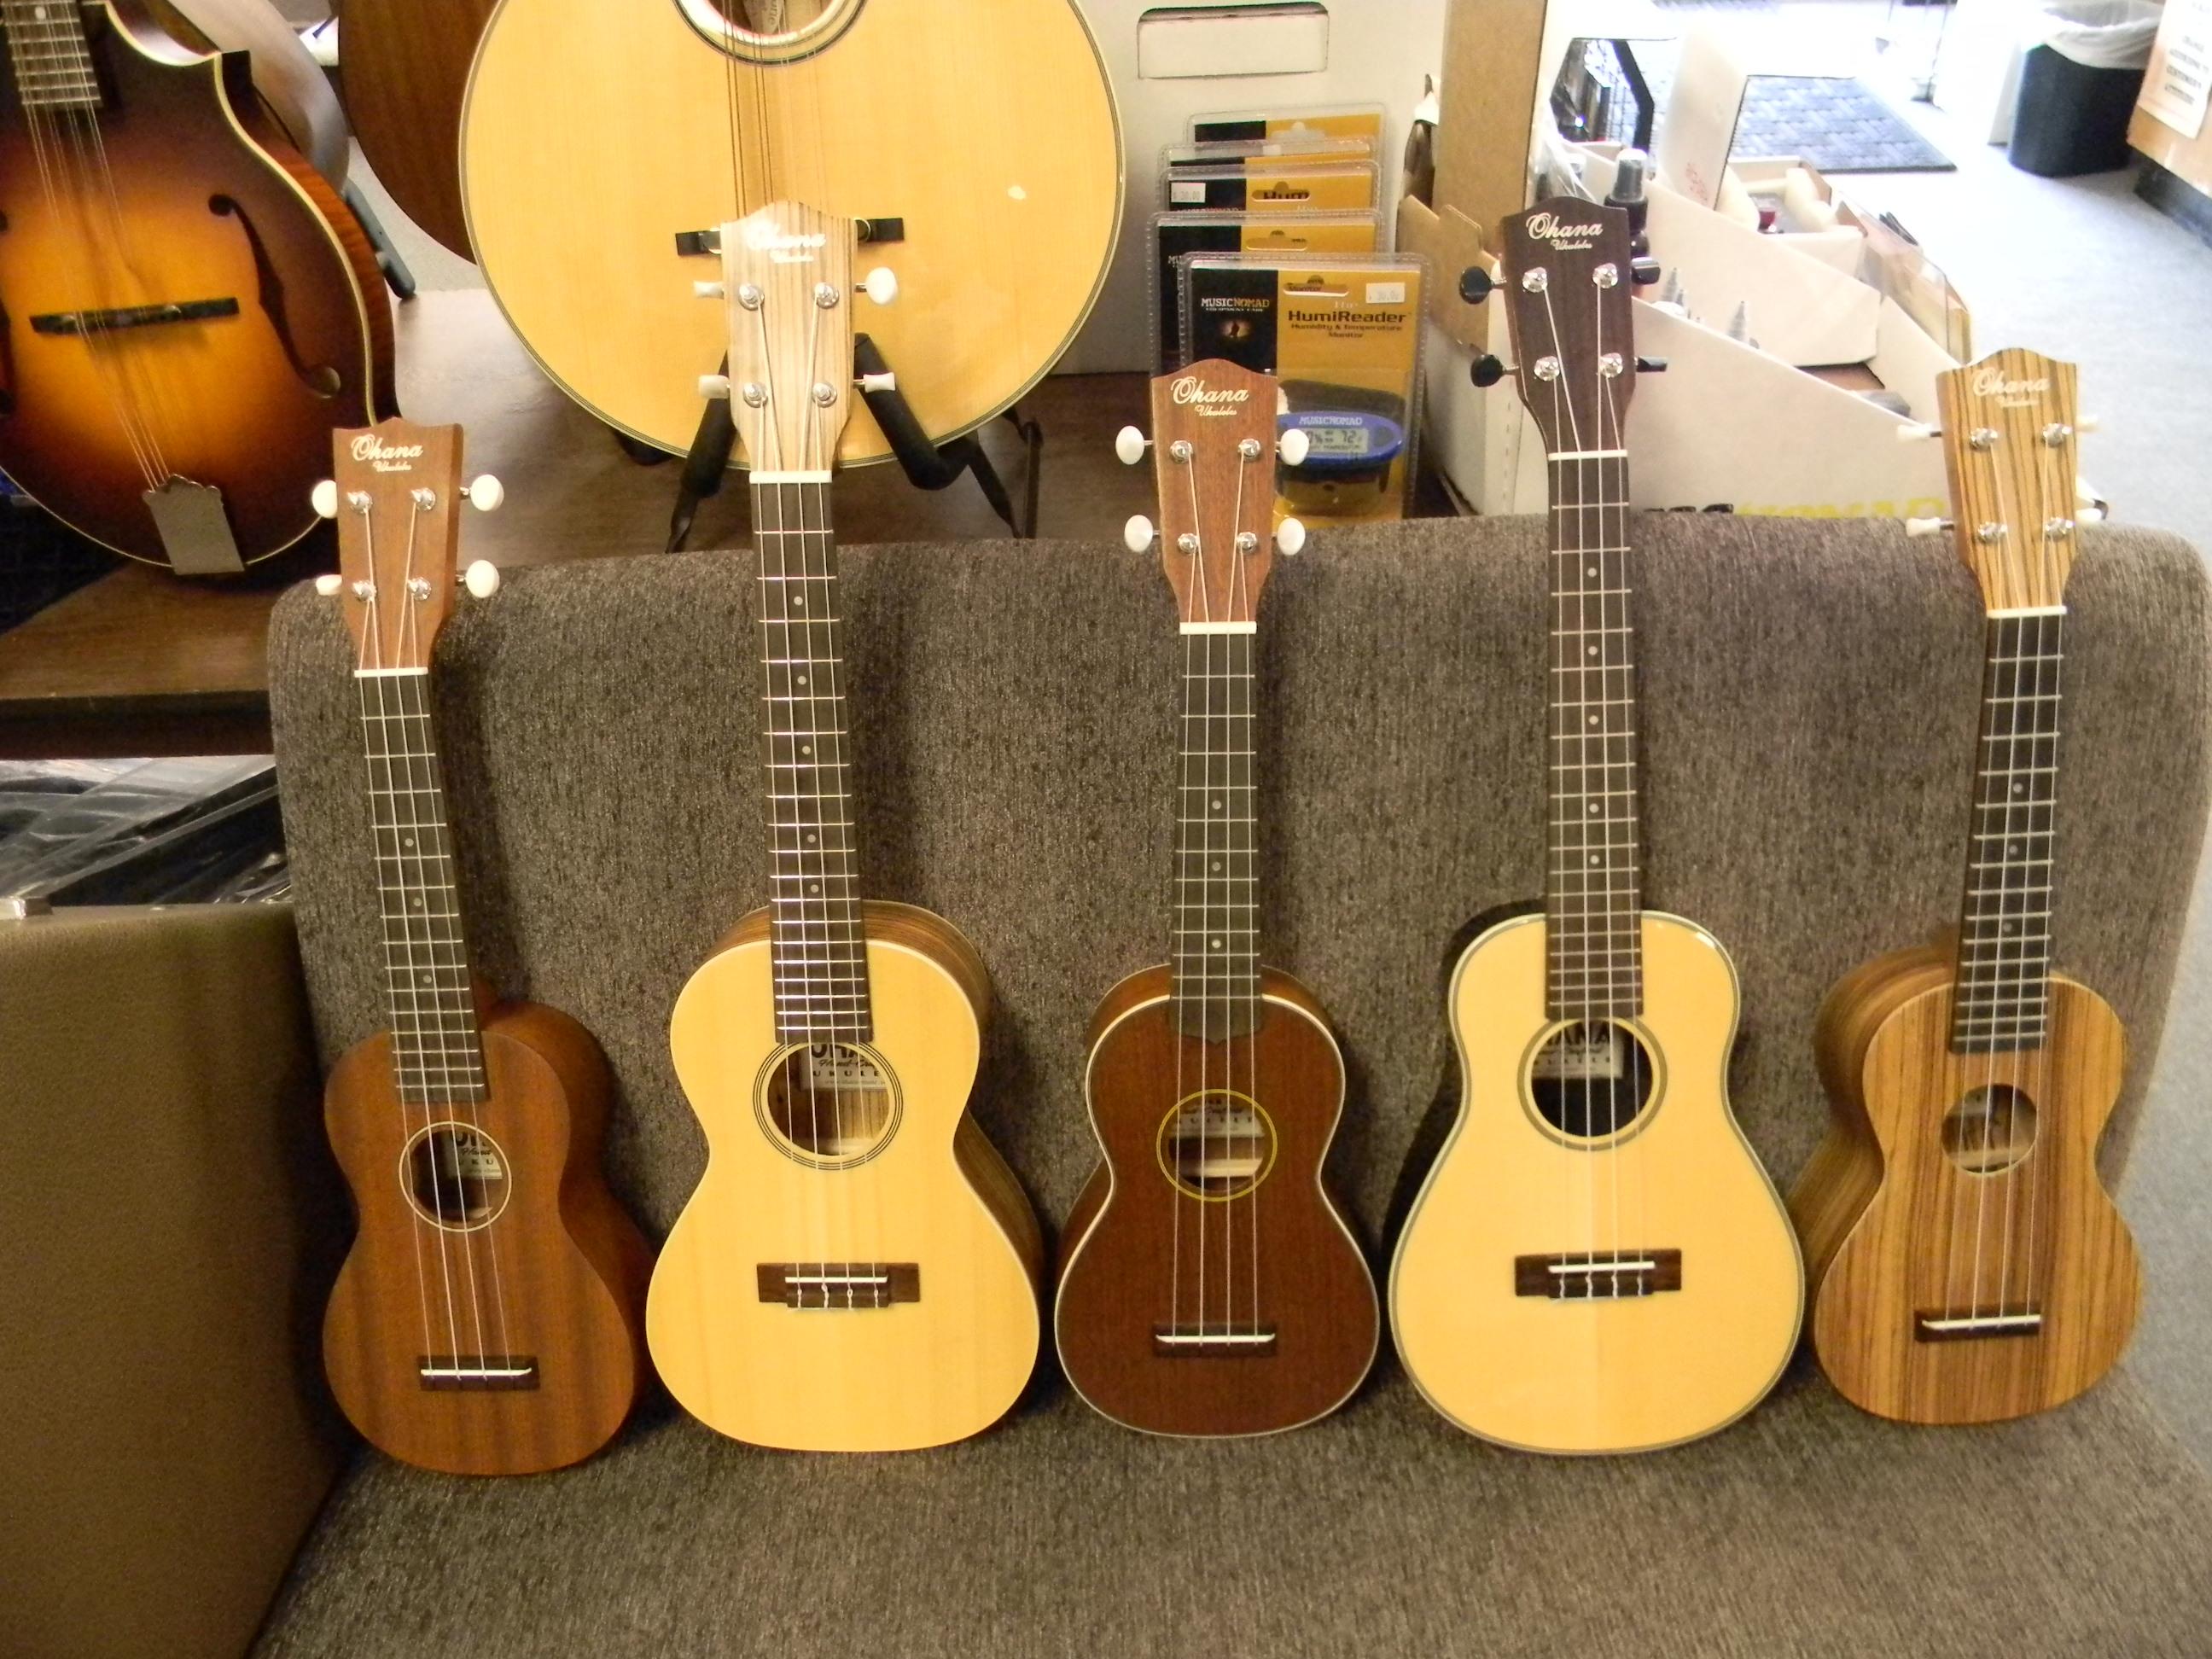 Ohana soprano and concert ukuleles.